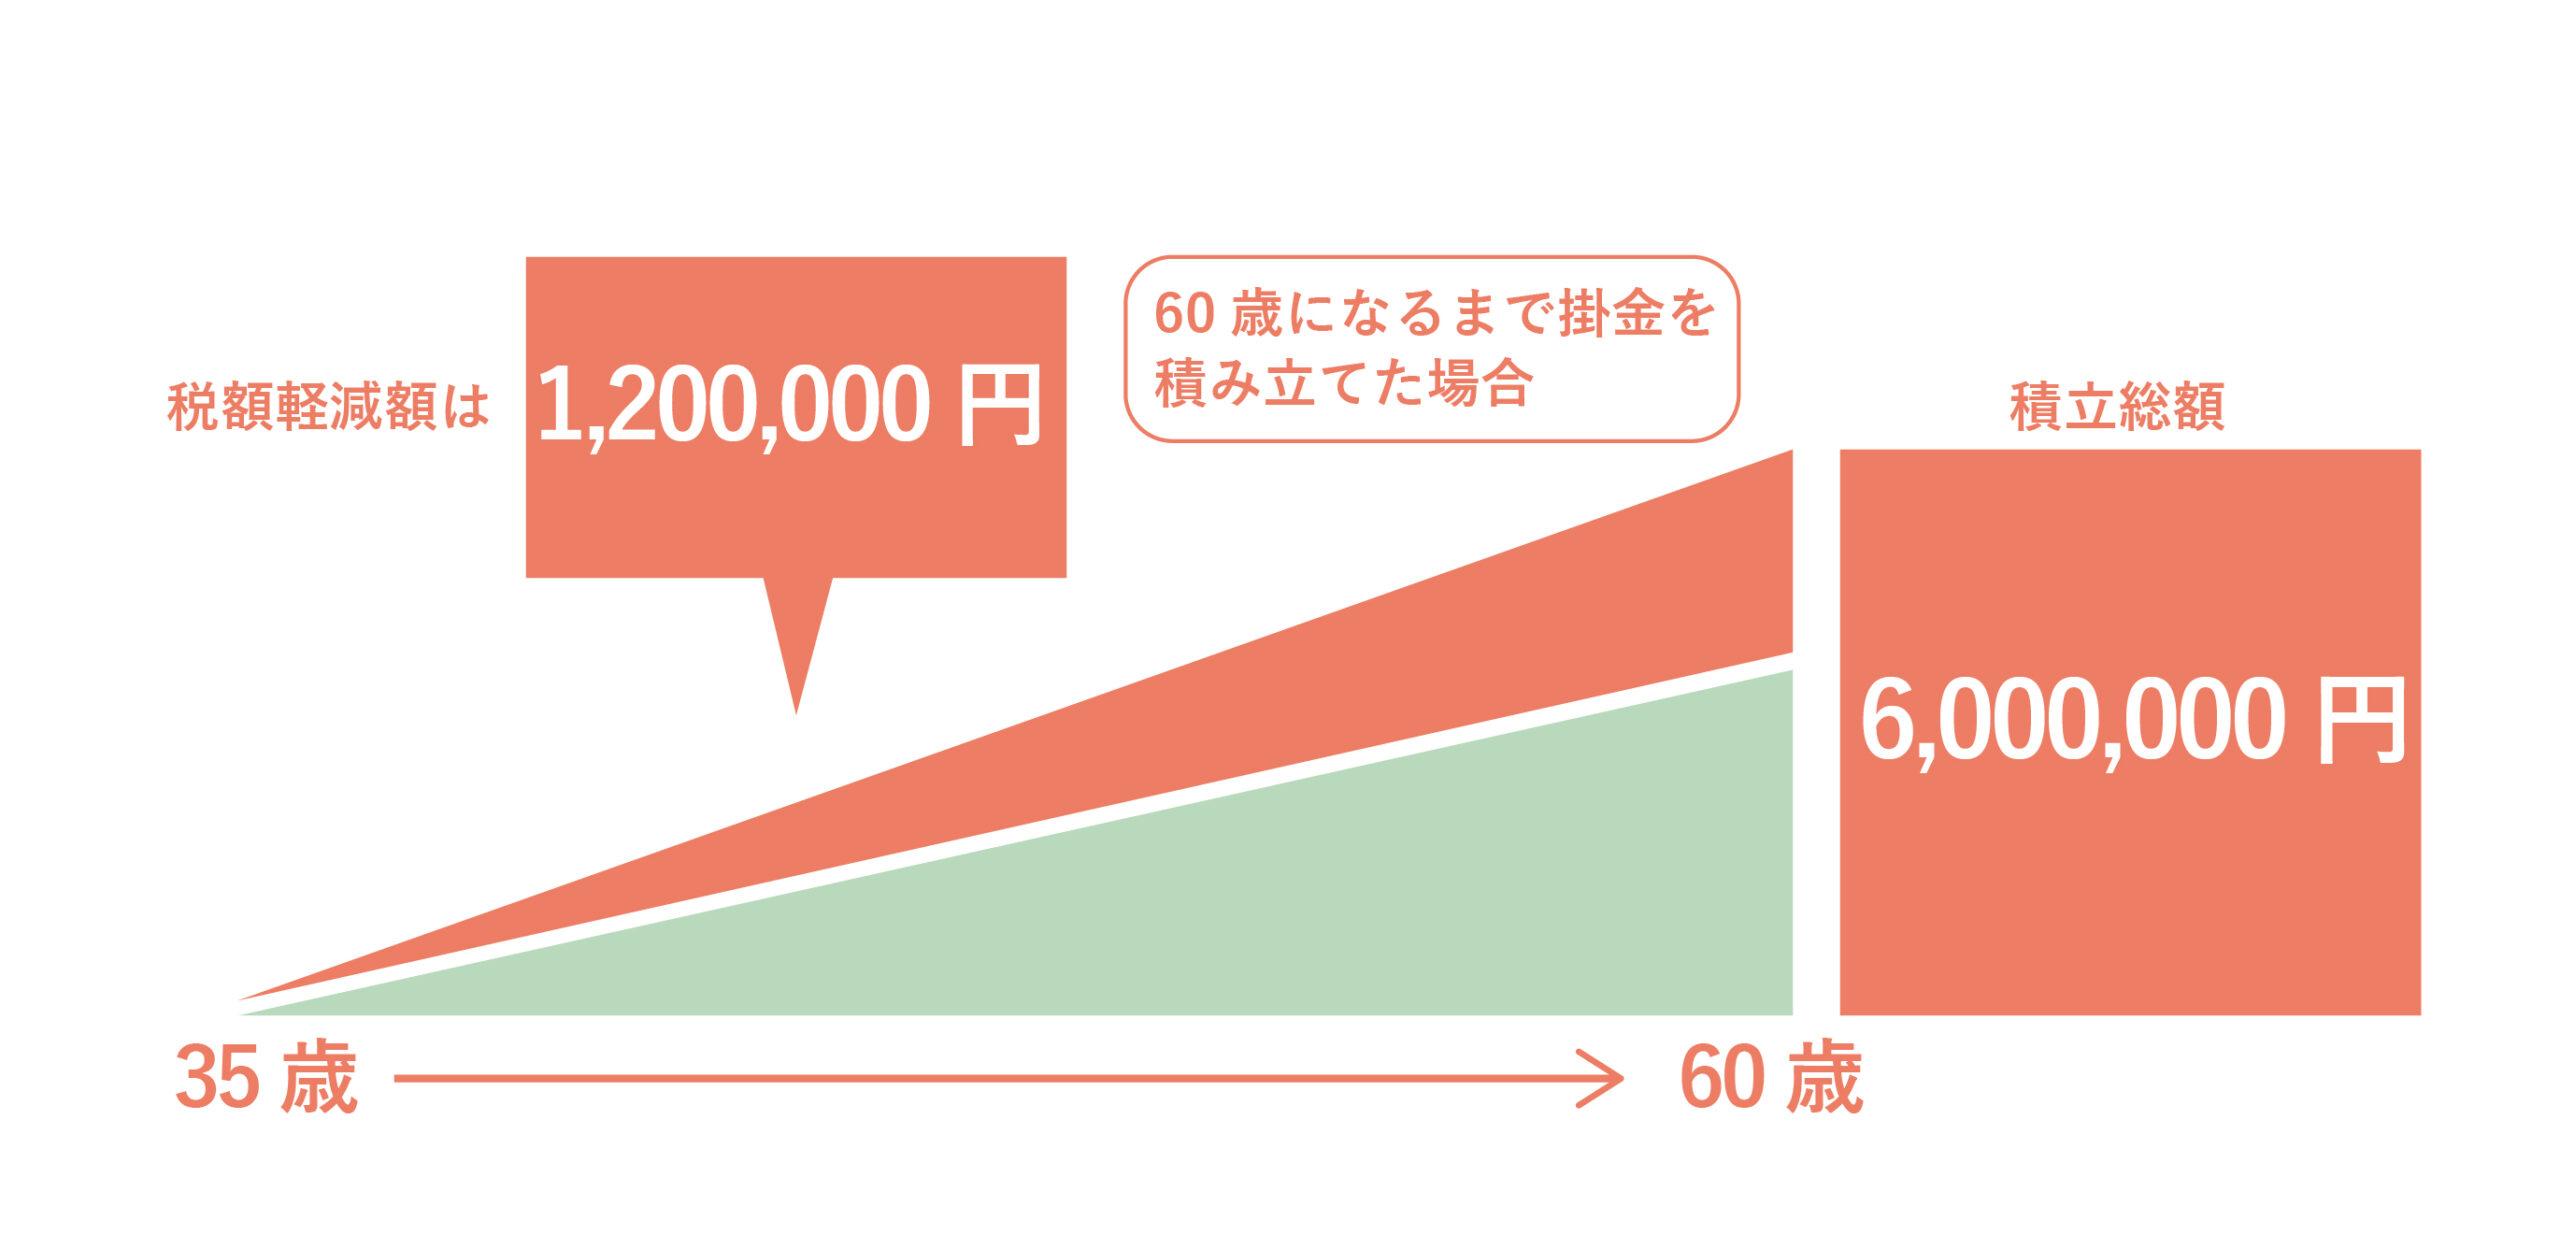 35歳・年収500万円・掛け金20,000円の場合